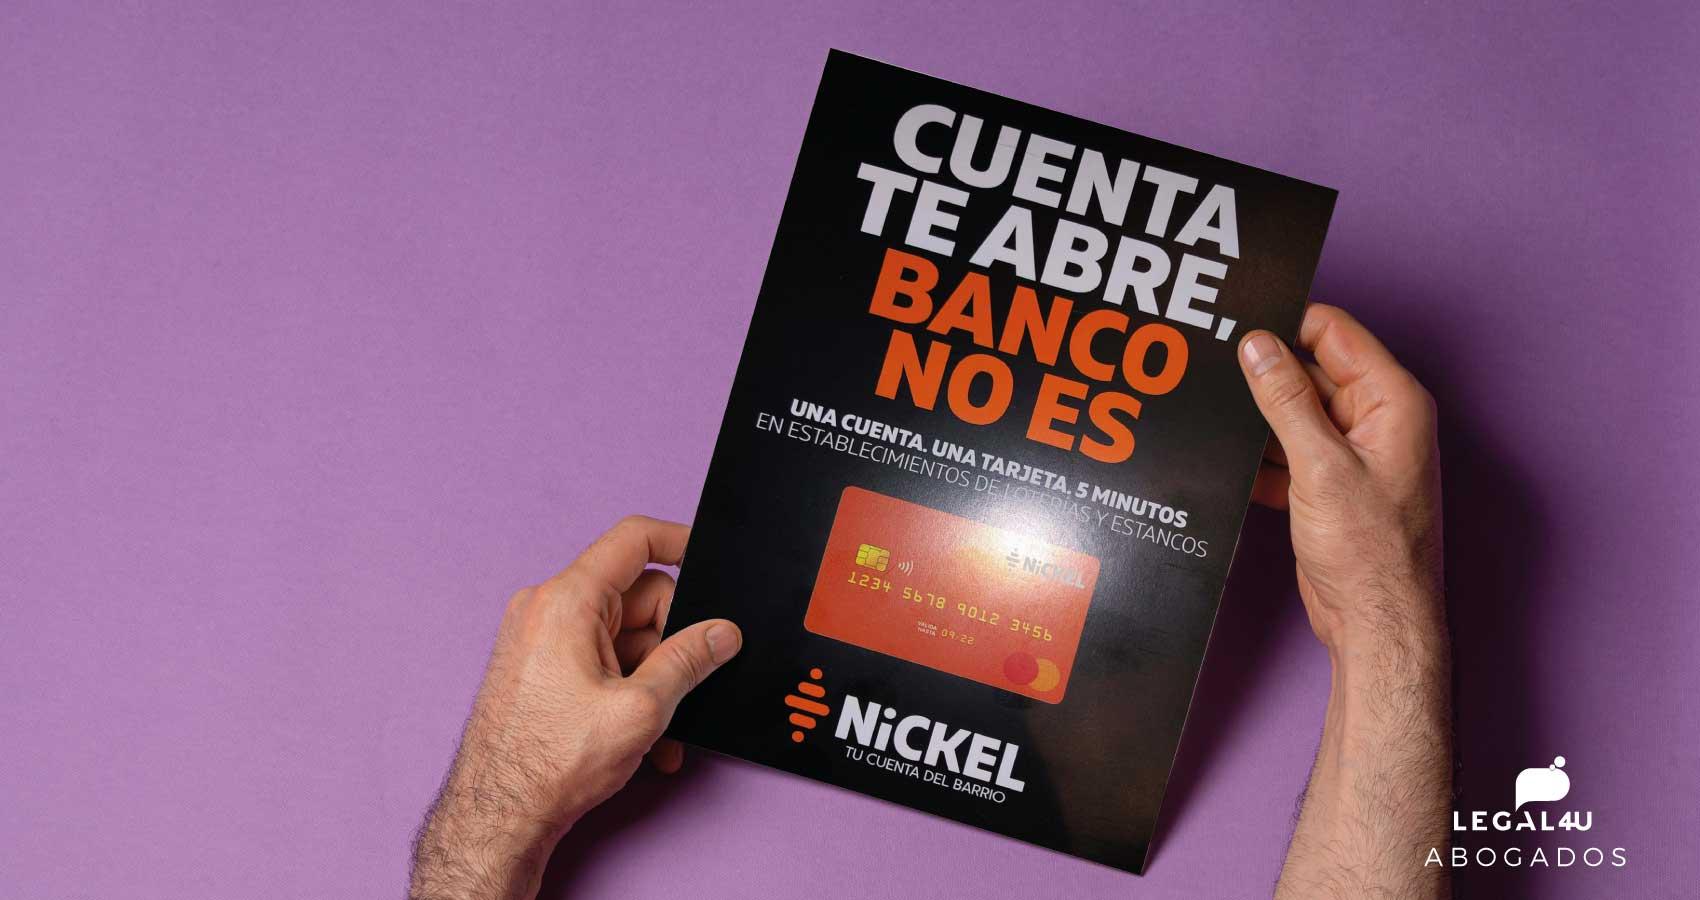 publicidad-financiertas-bancos-legal